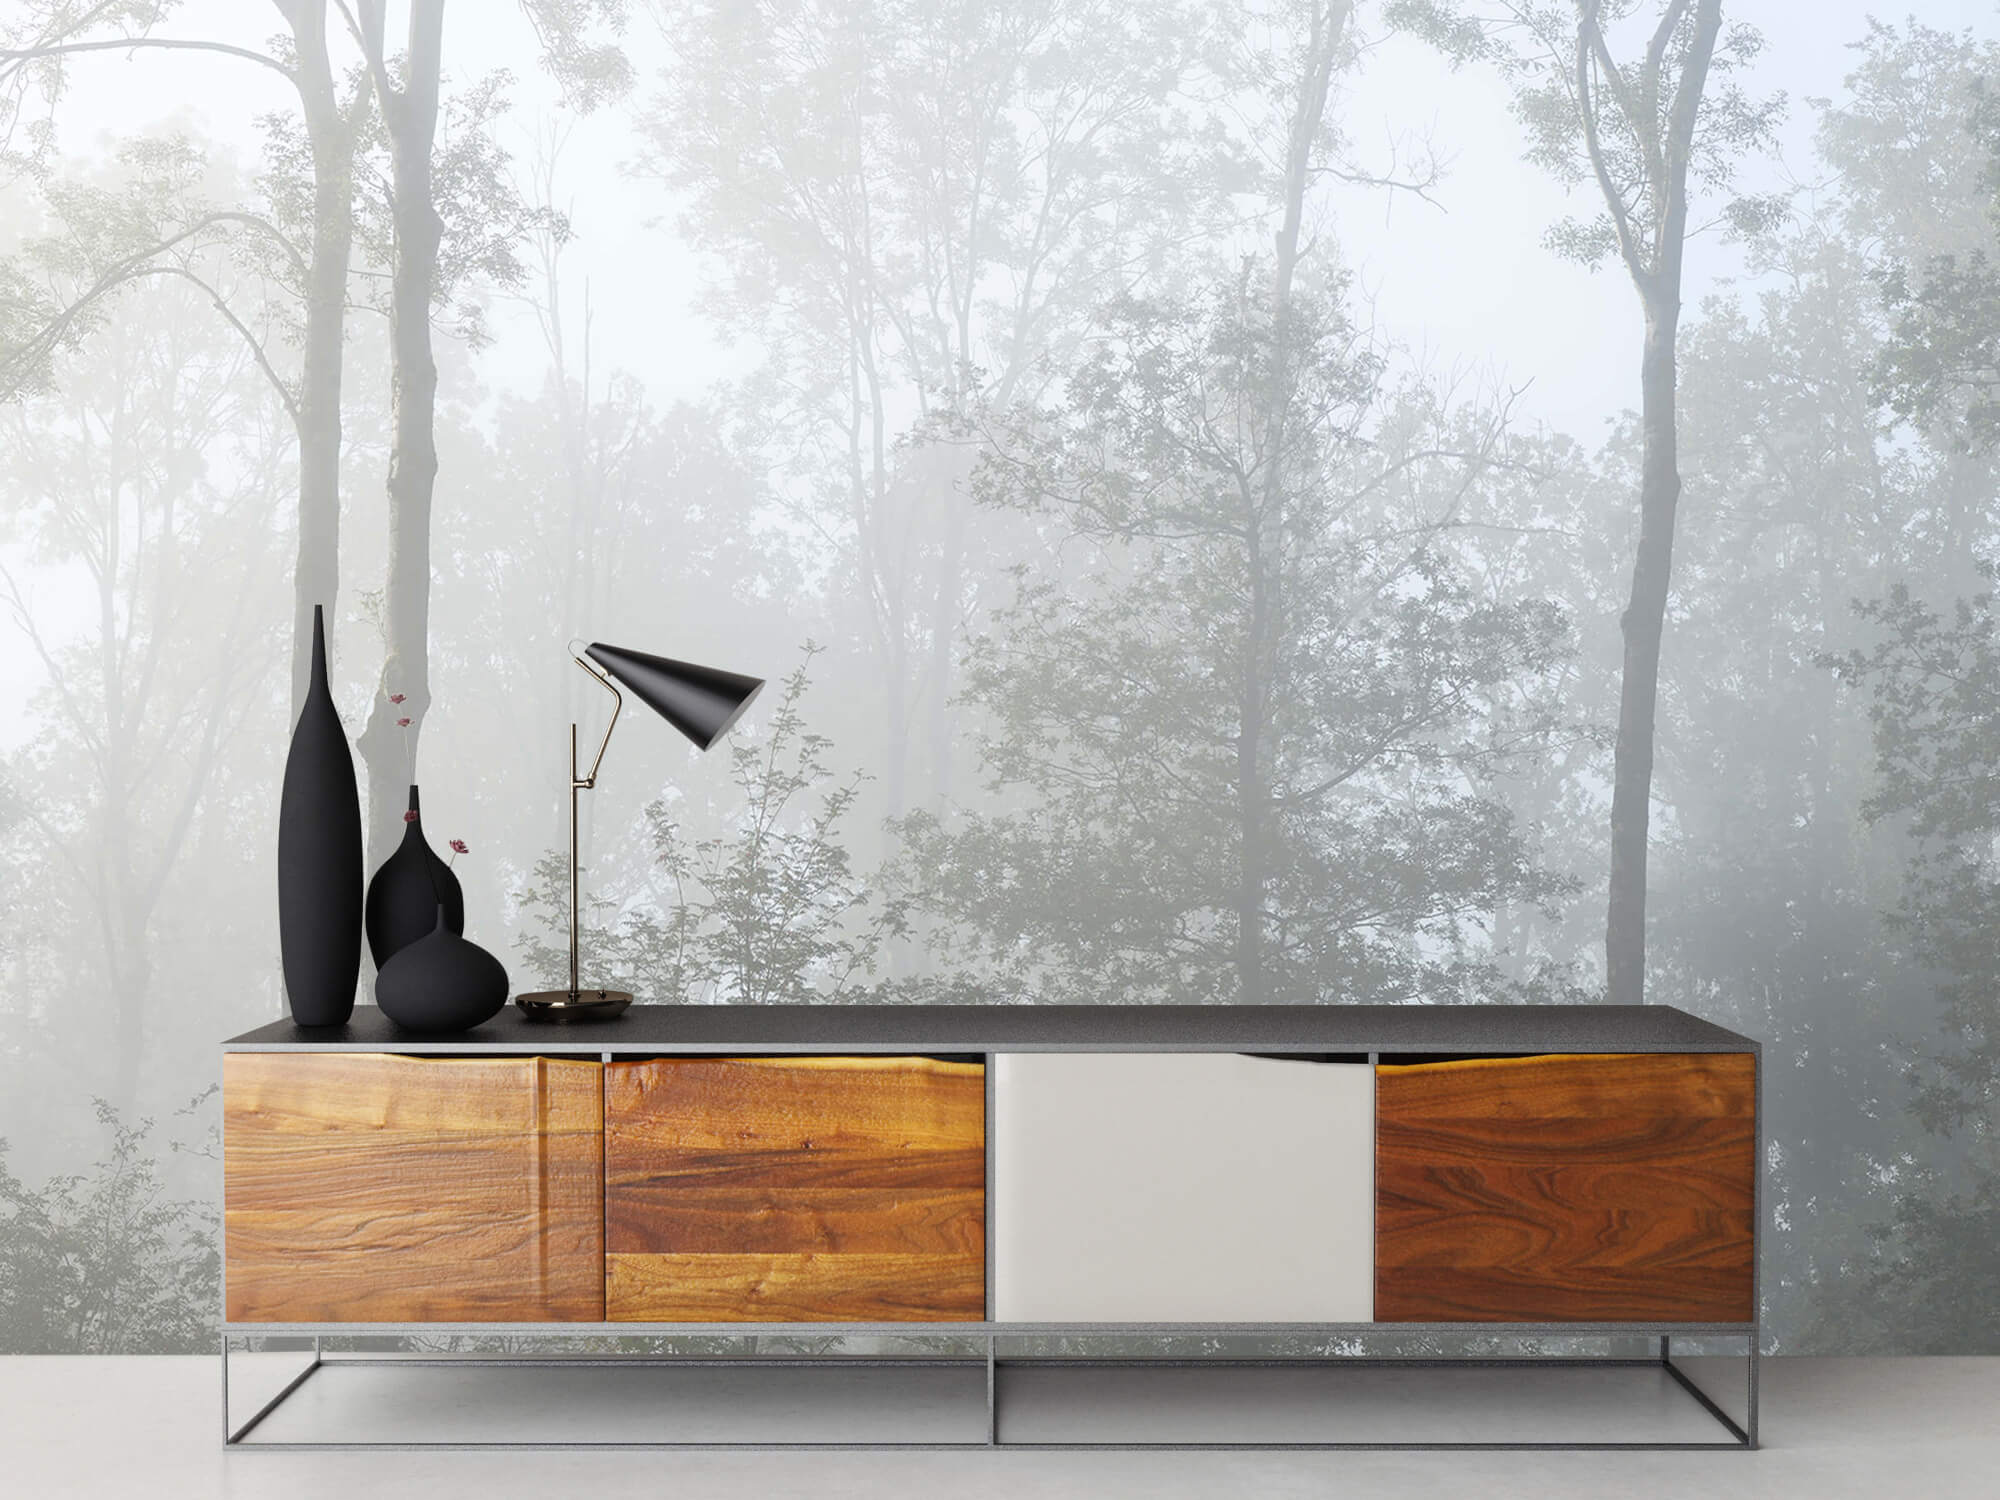 Bos behang Dichte mist in het bos 16